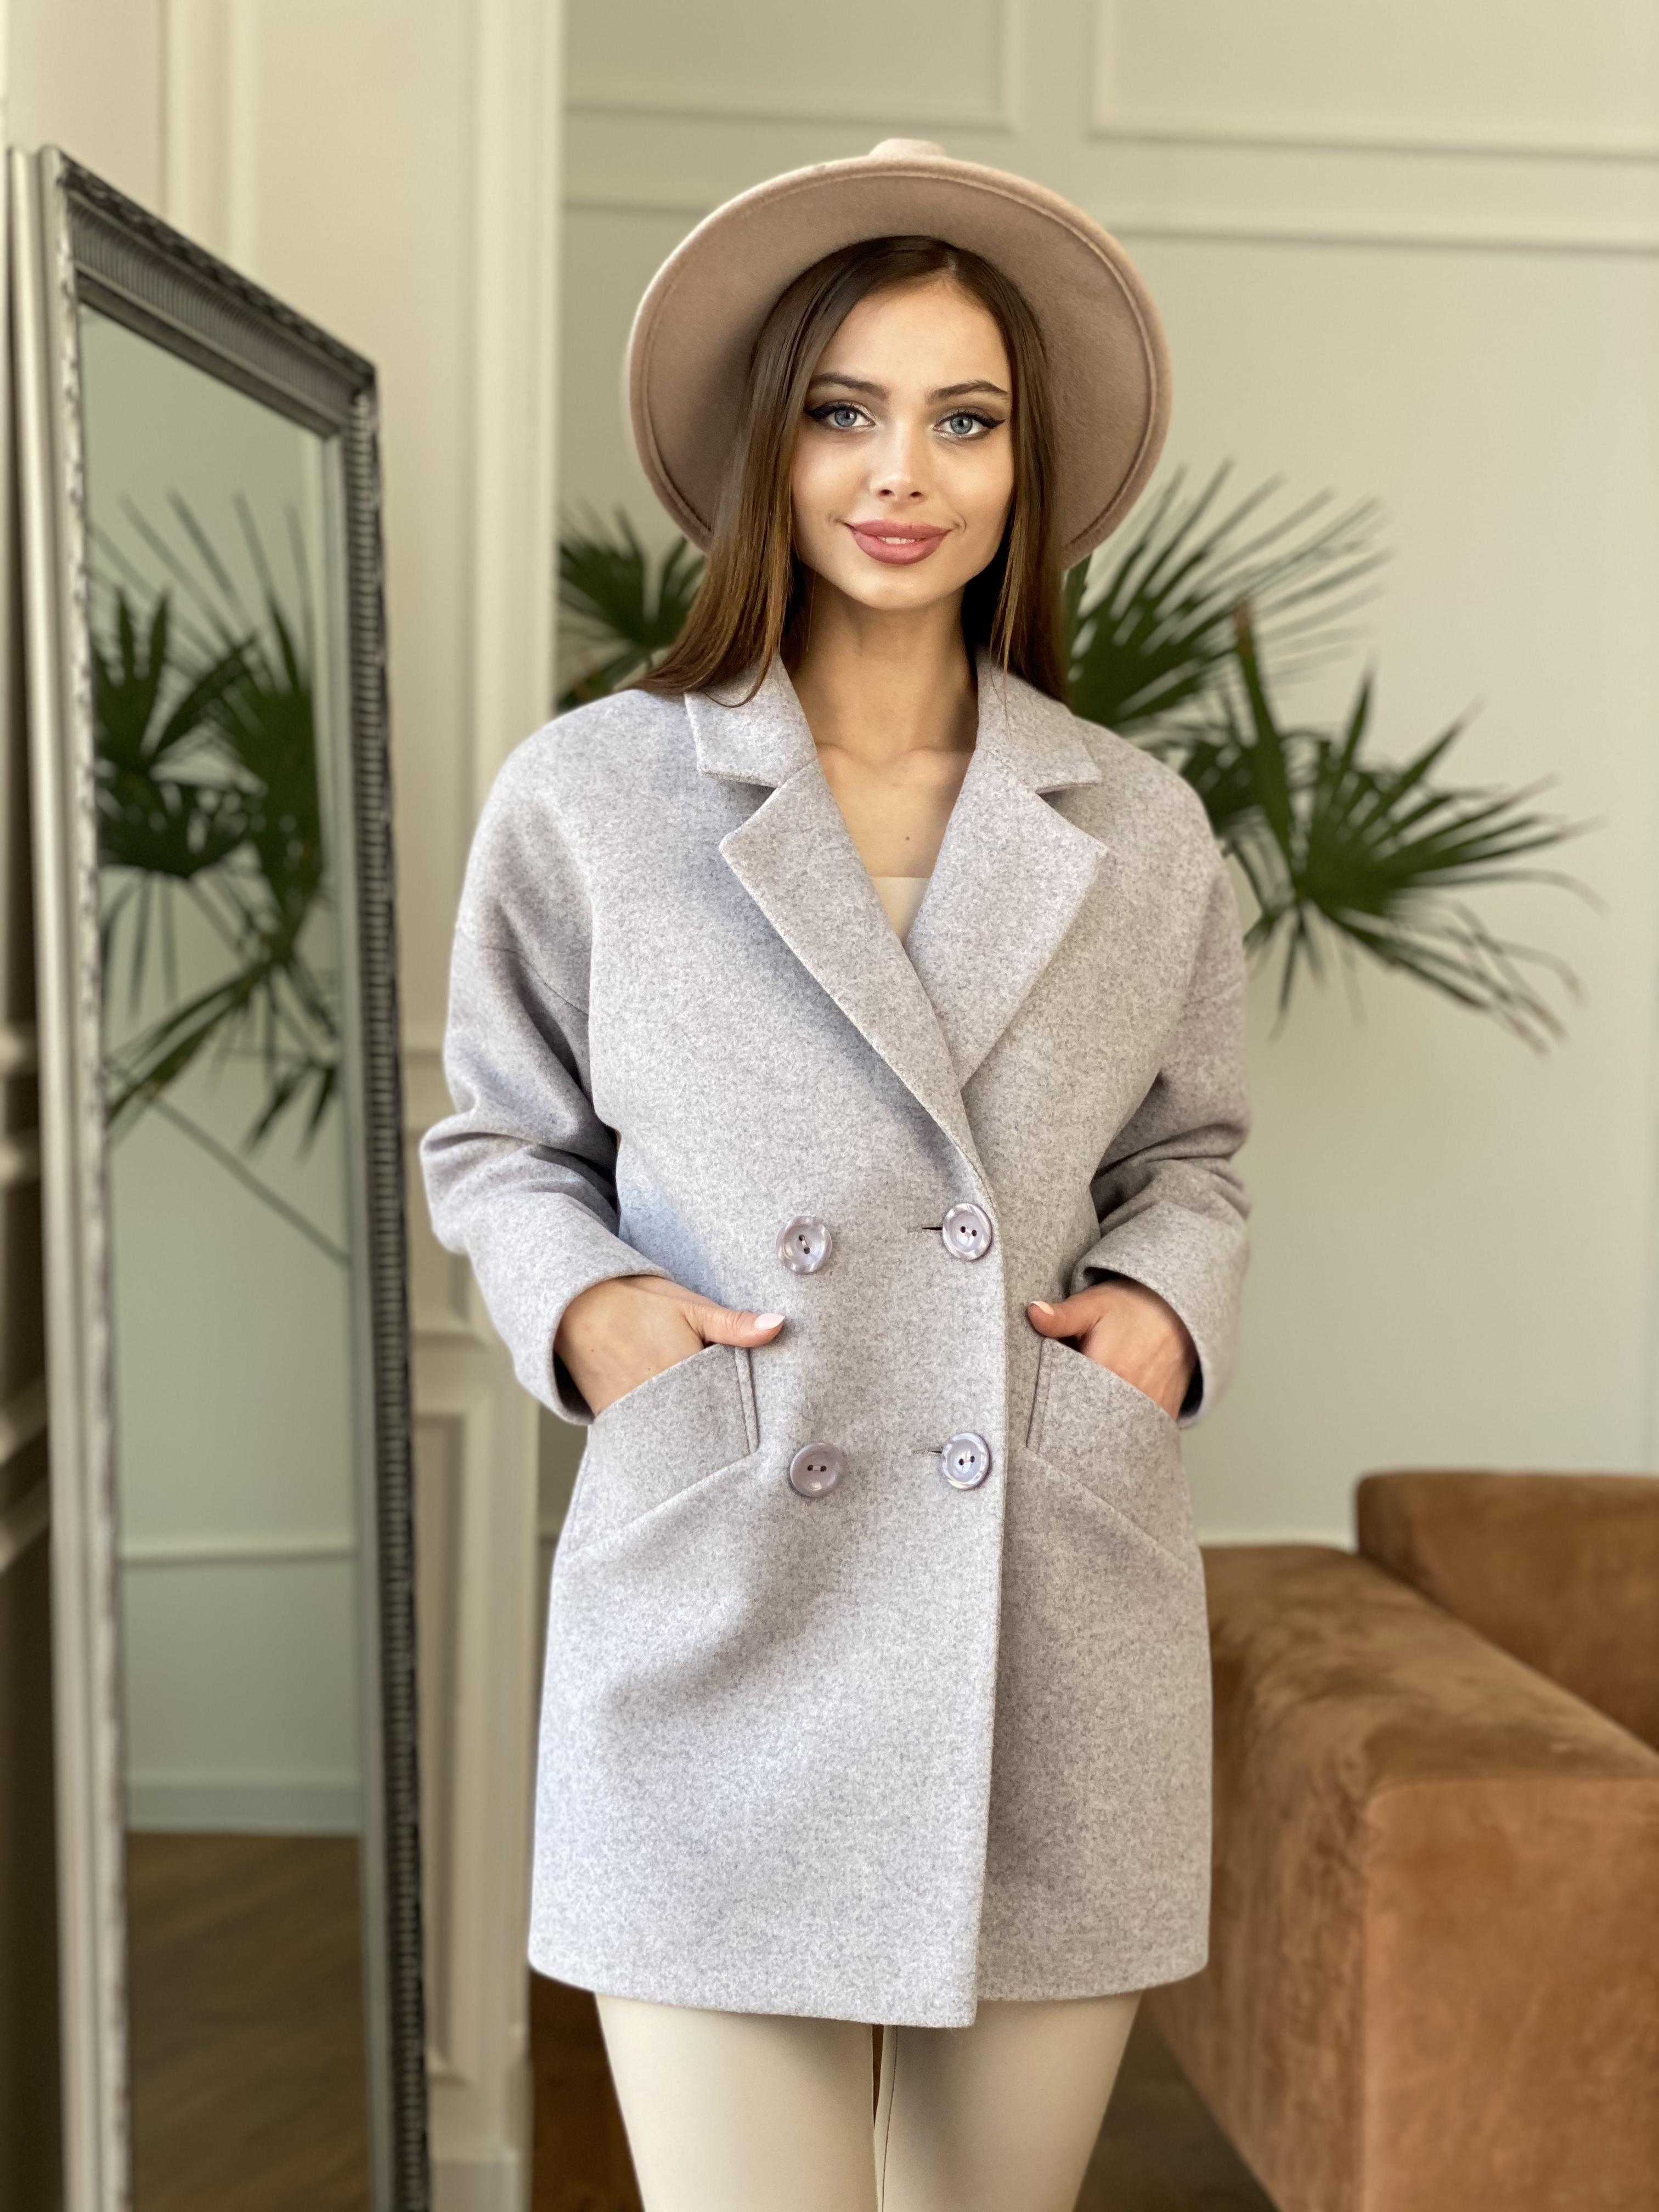 Бонд пальто  кашемировое меланж на трикотаже  10644 АРТ. 47177 Цвет: Серо-розовый - фото 3, интернет магазин tm-modus.ru